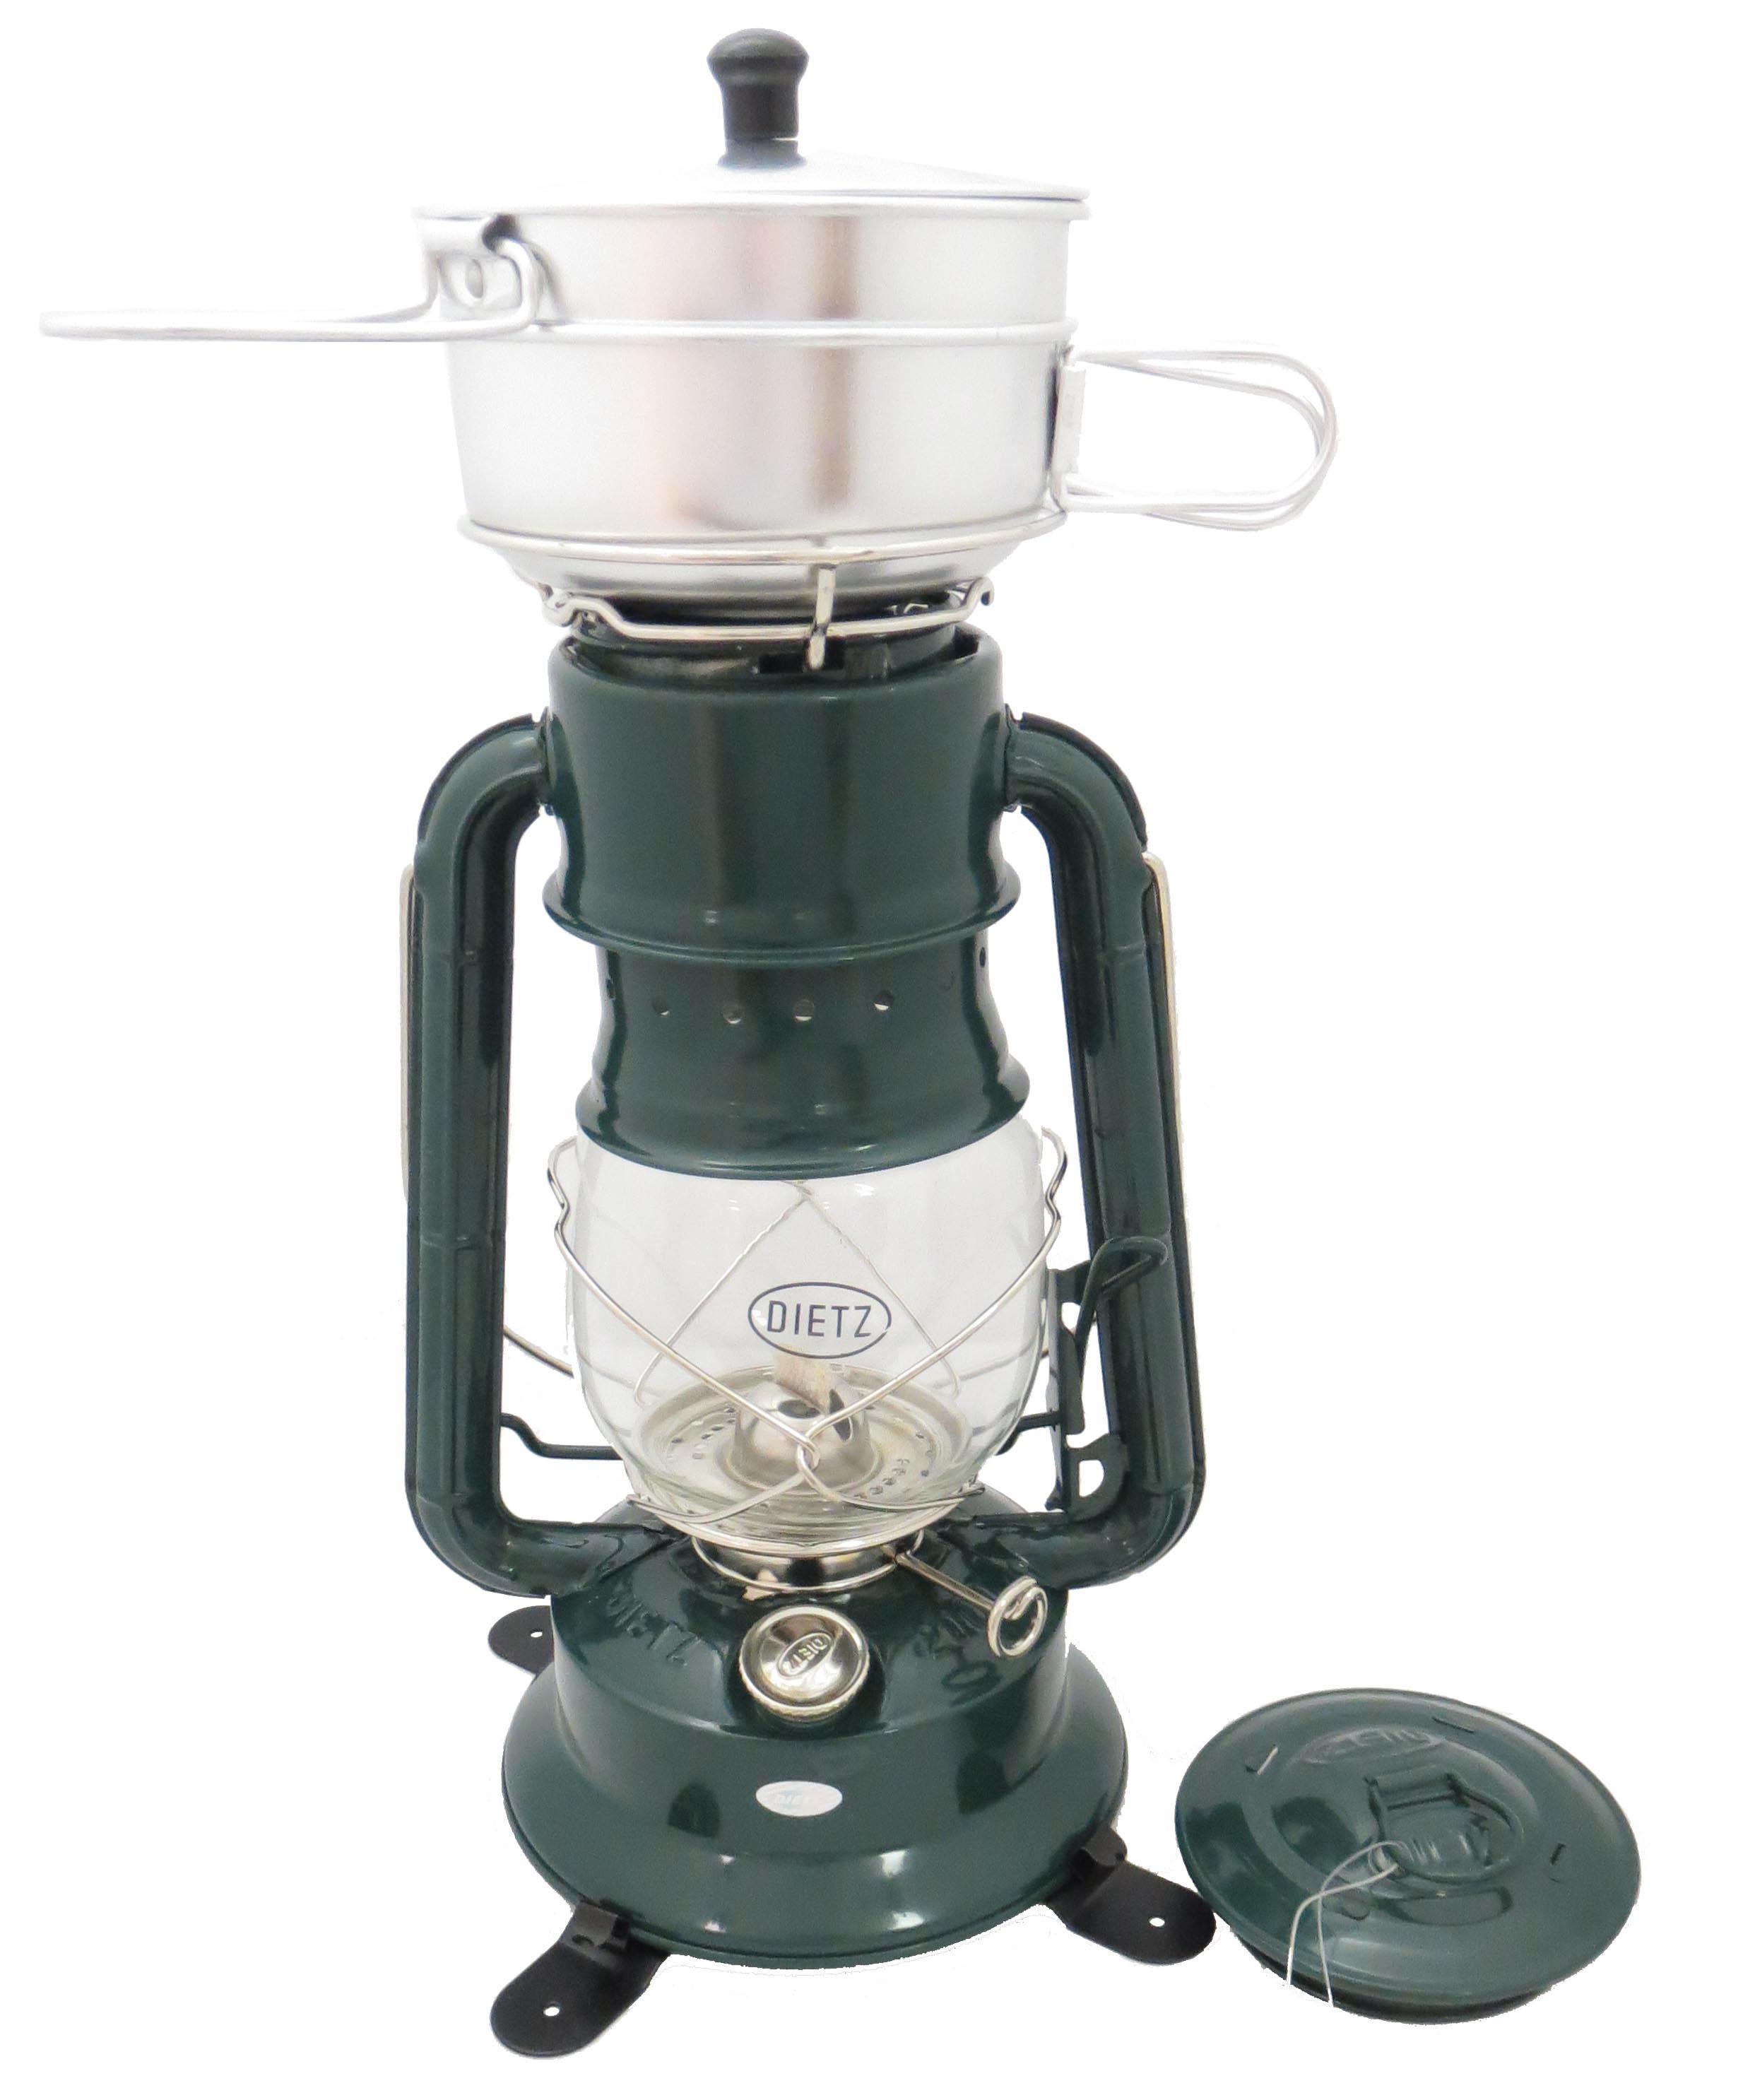 Dietz 2000 Millennium Warm It Up Cooker Lantern 69882 B